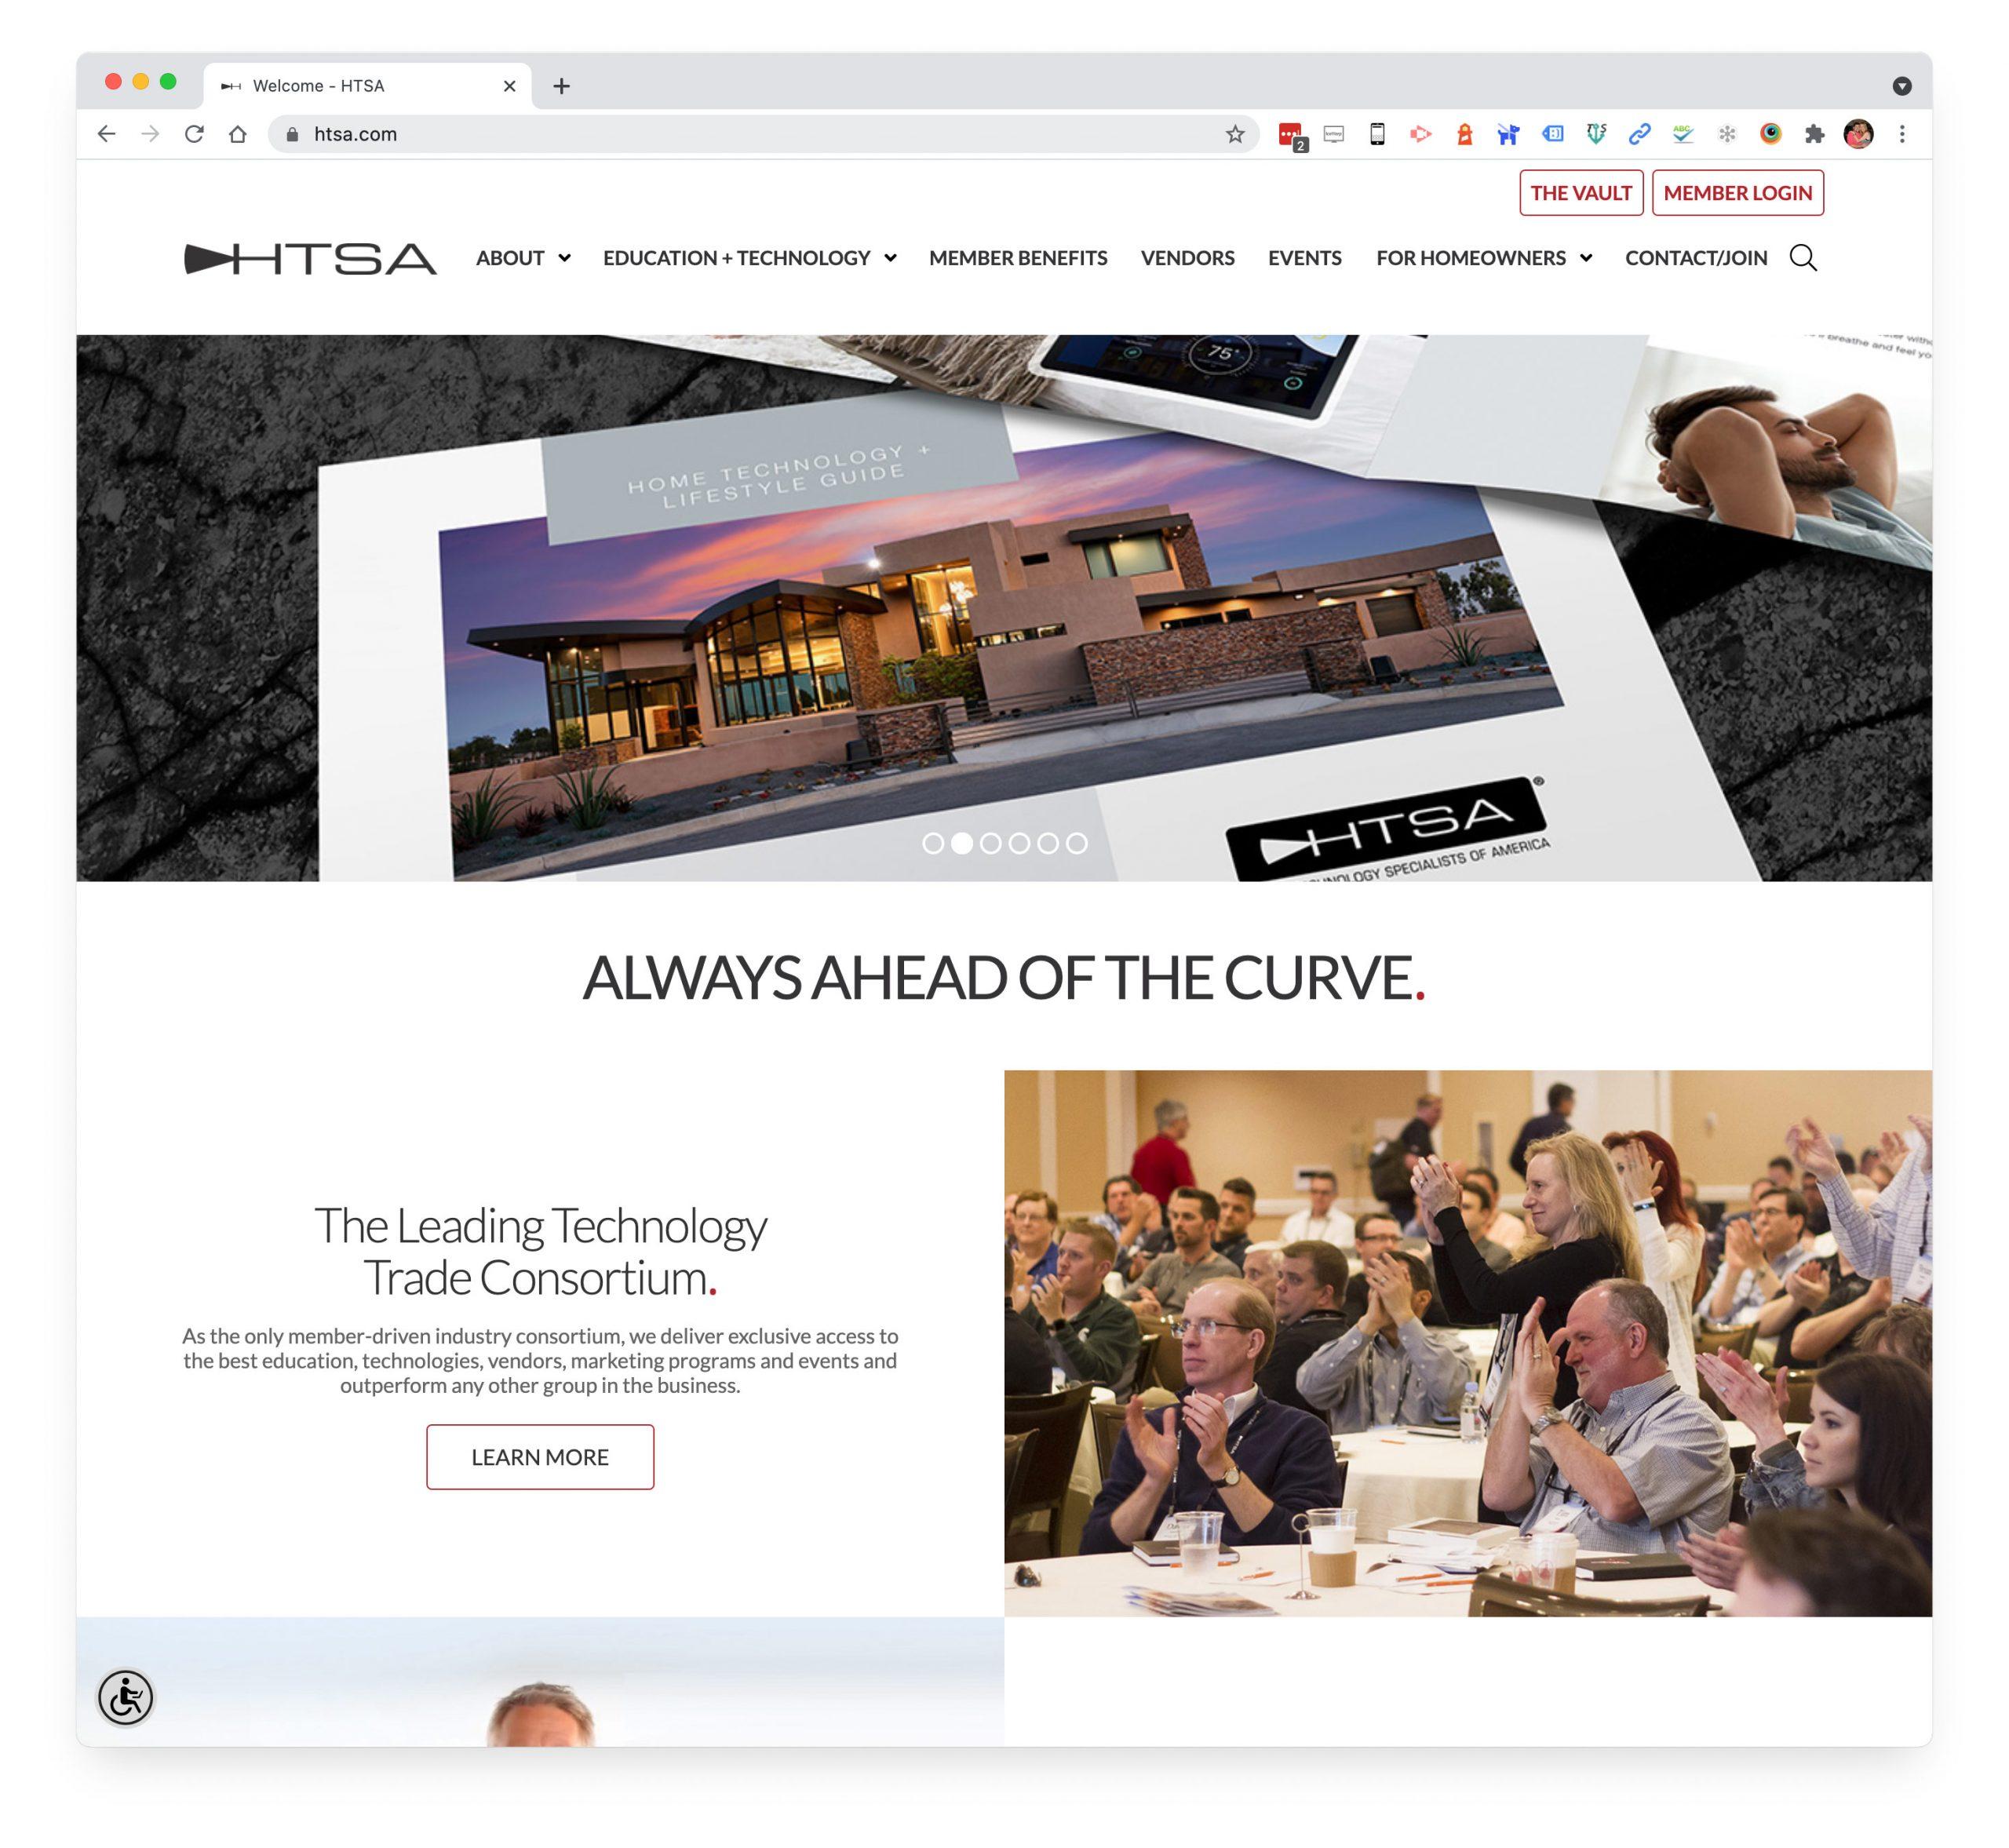 HTSA Home Page